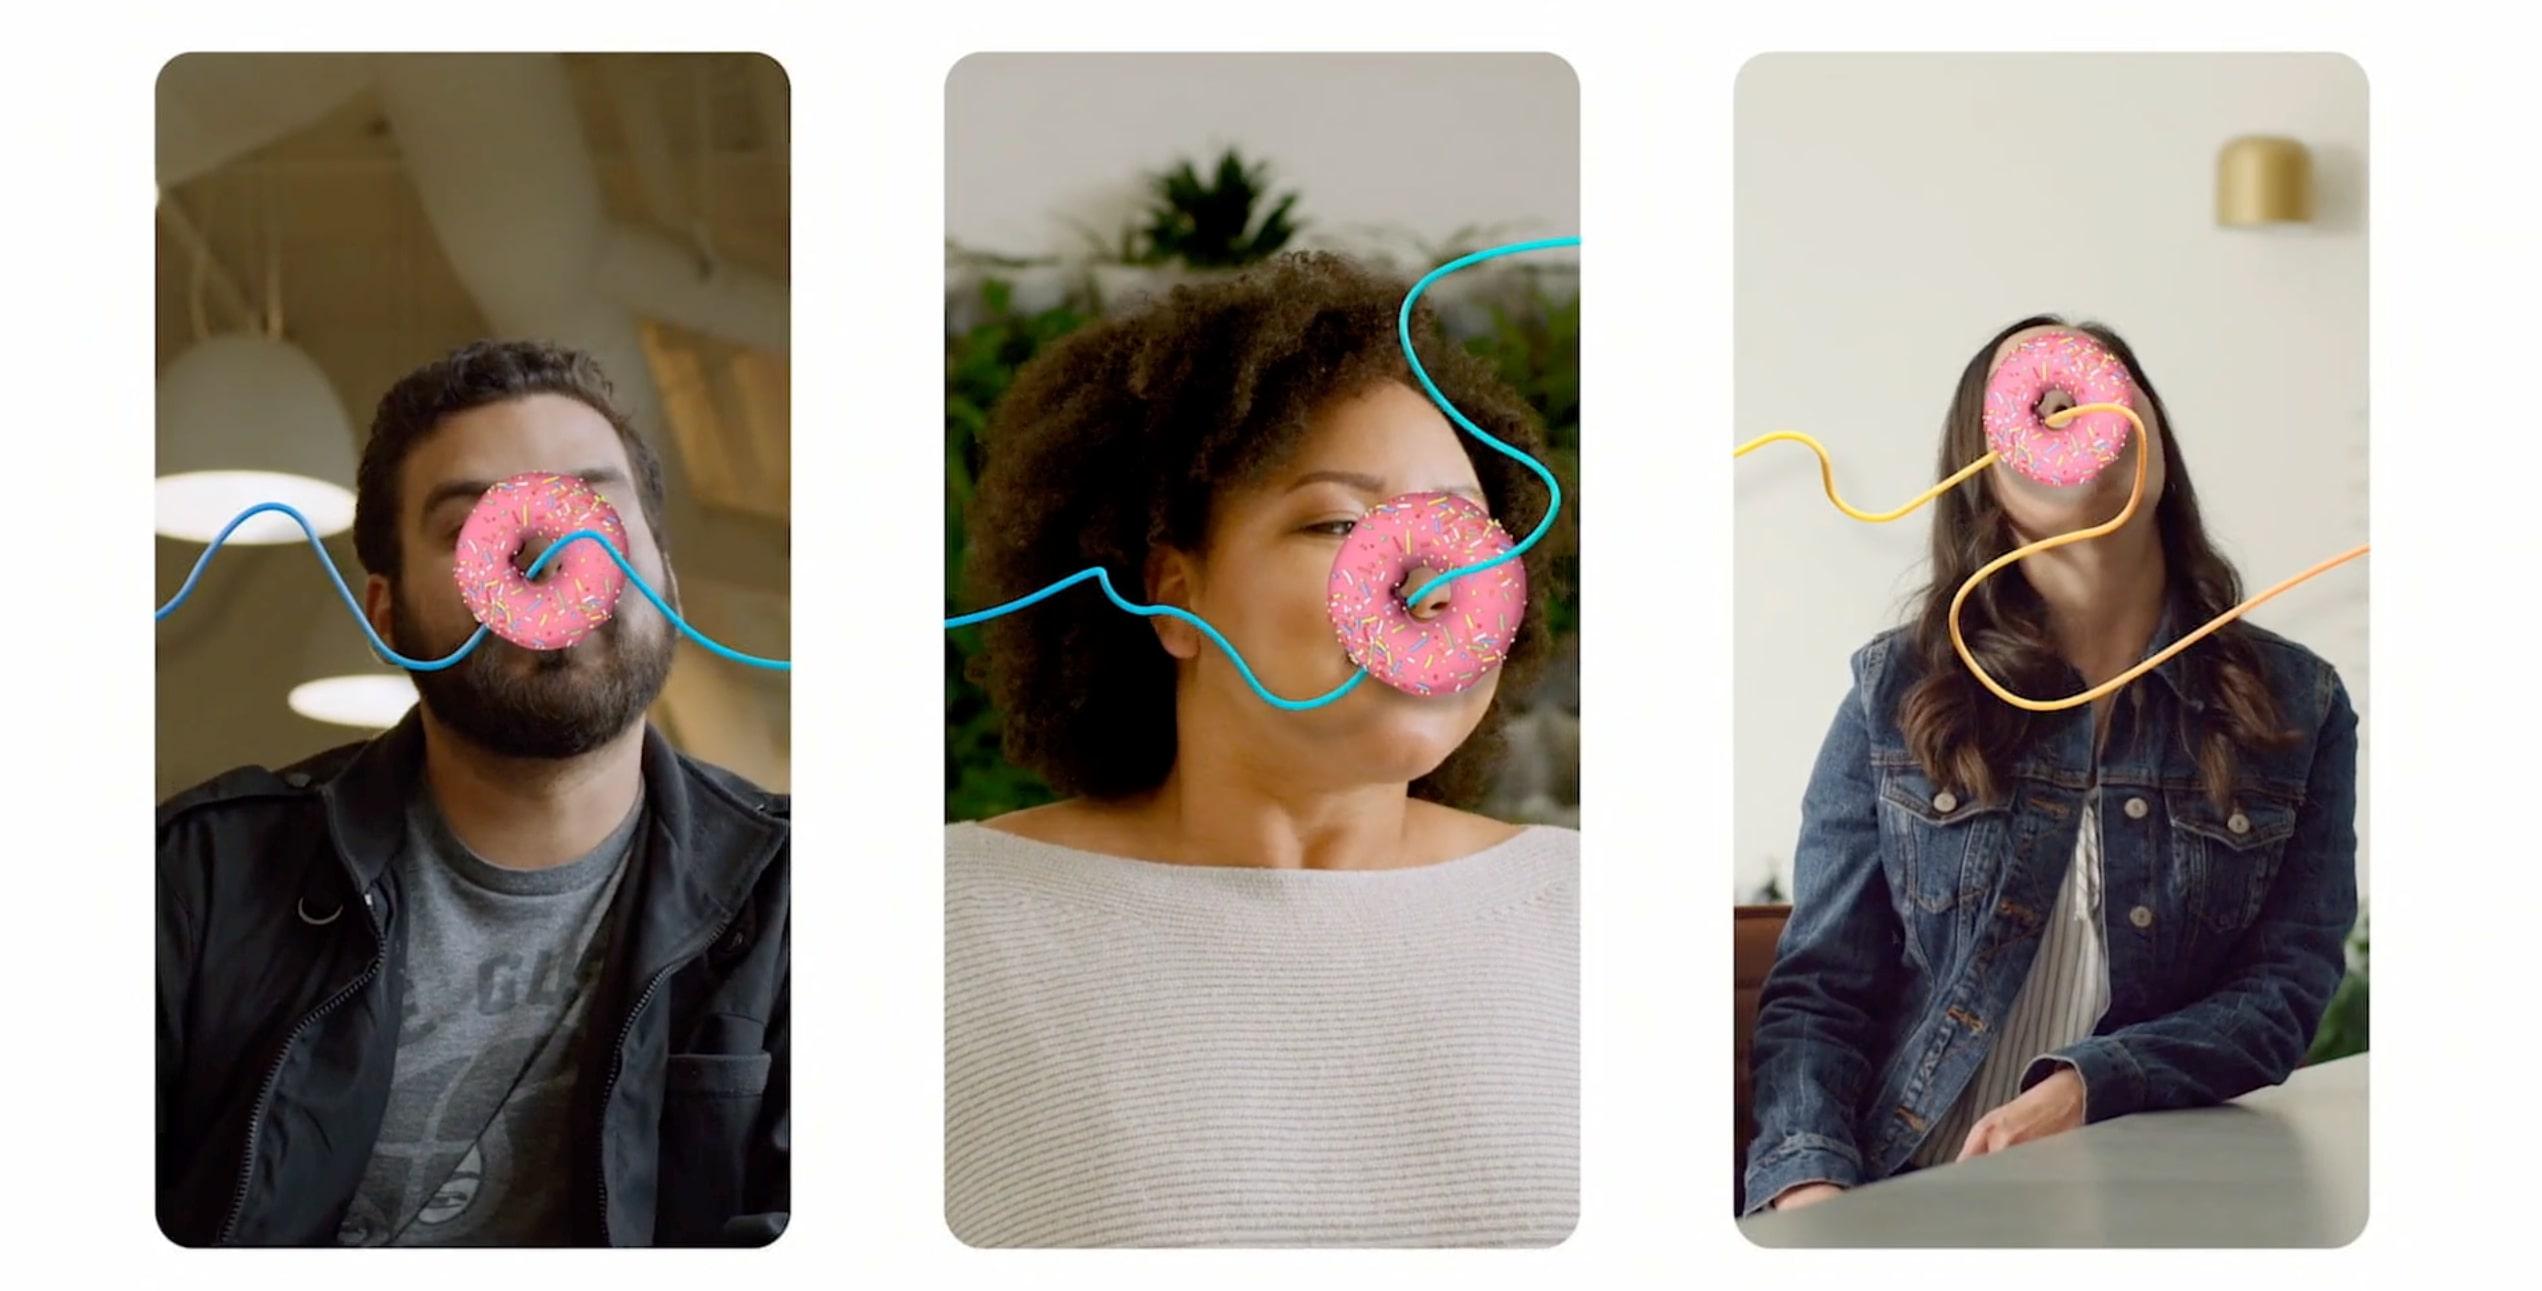 démonstration des filtres de réalité augmentée de Spark AR